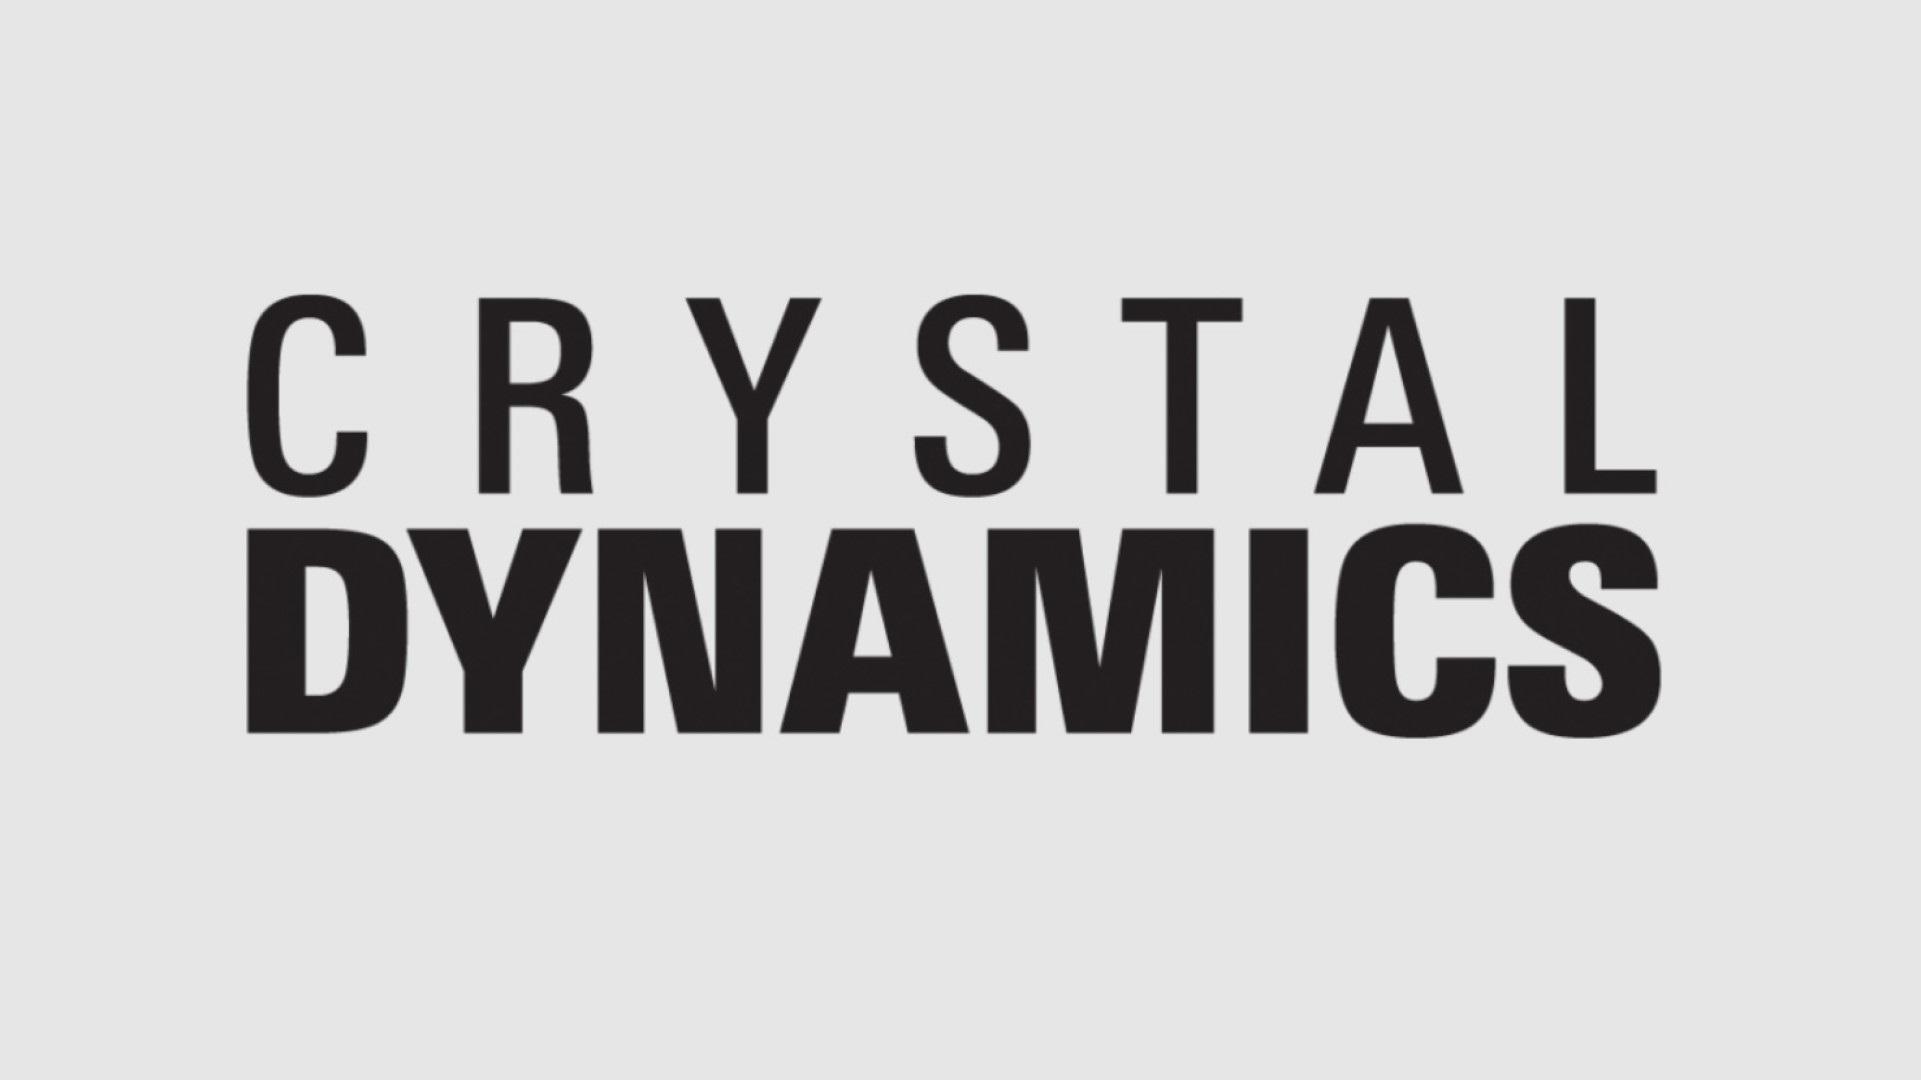 شعبه جدید استودیو Crystal Dynamics